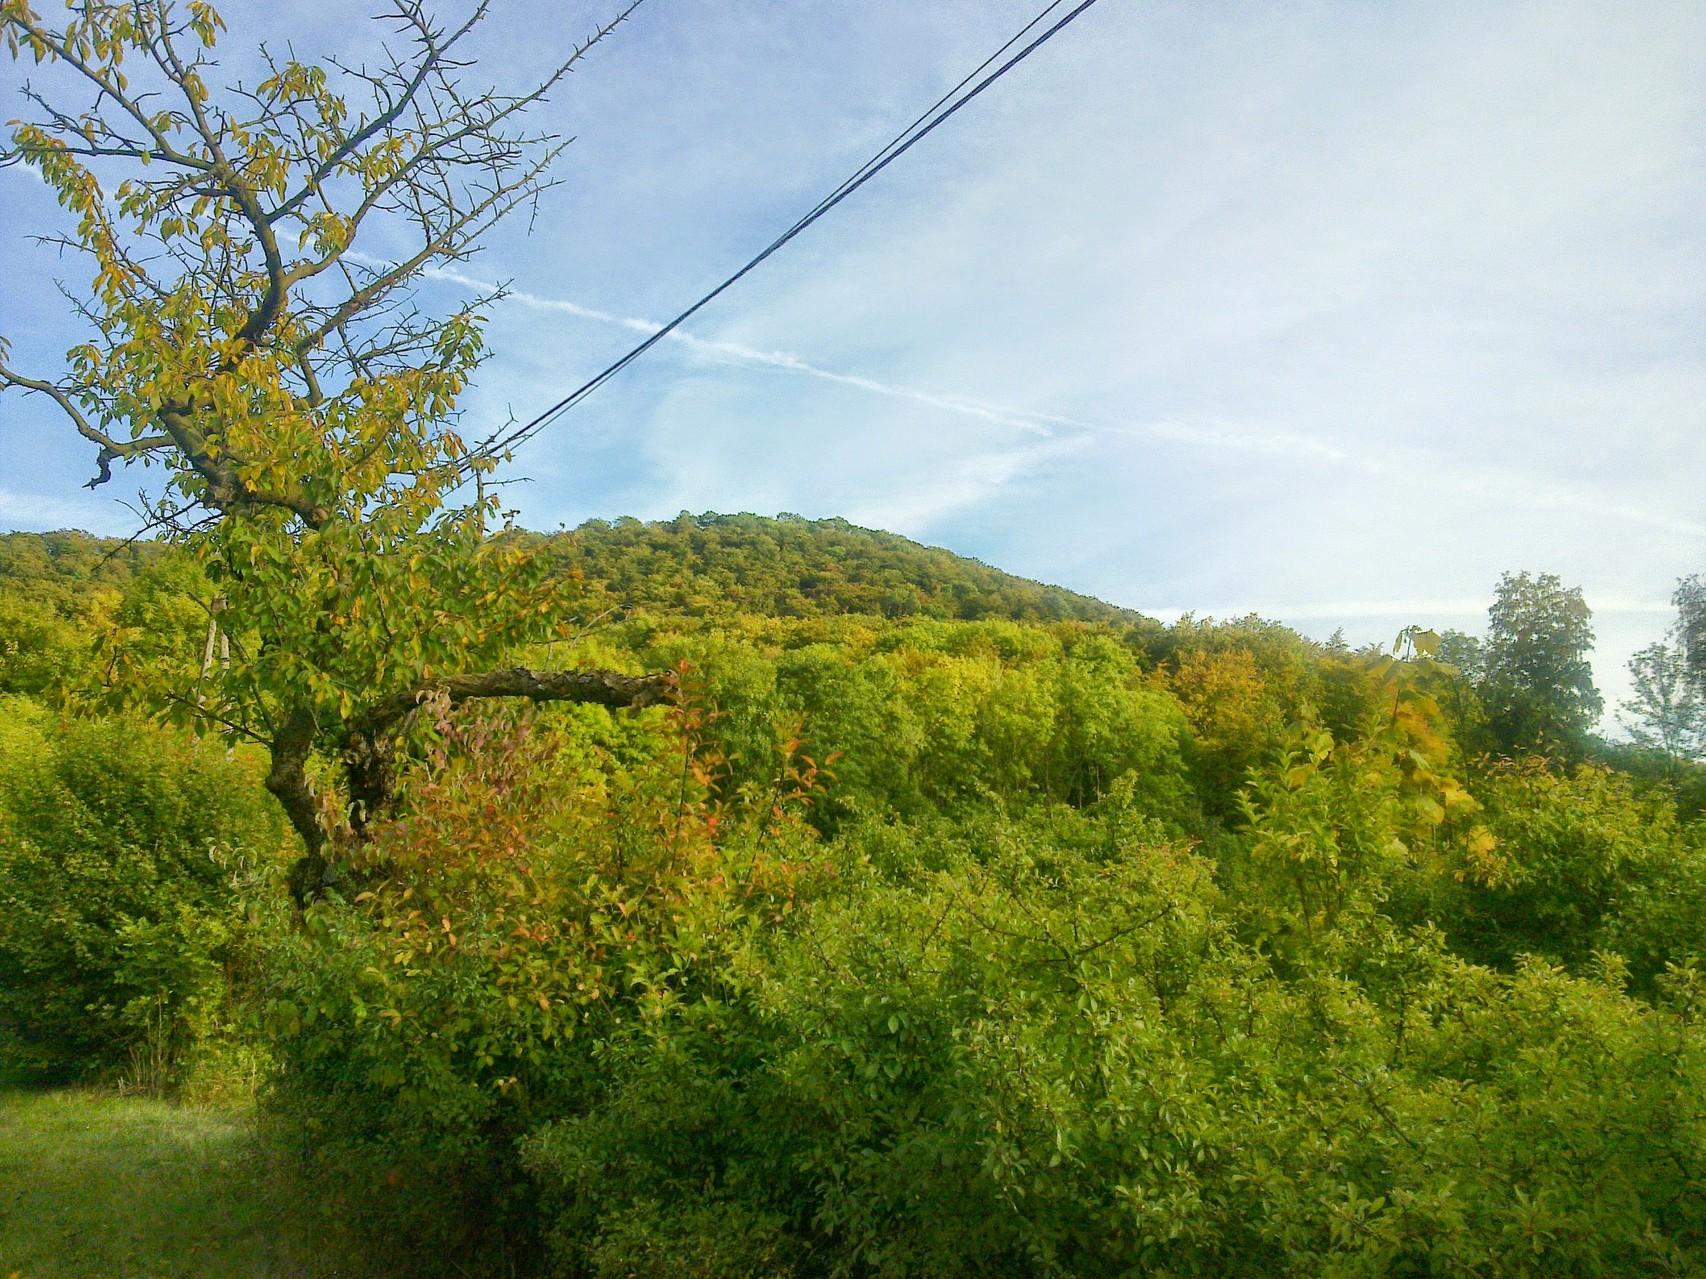 """~ Bild: Blick auf die """"Hohe Tafel"""" (Tafelberg) vom Kirschweg bei Brüggen (Leine)"""